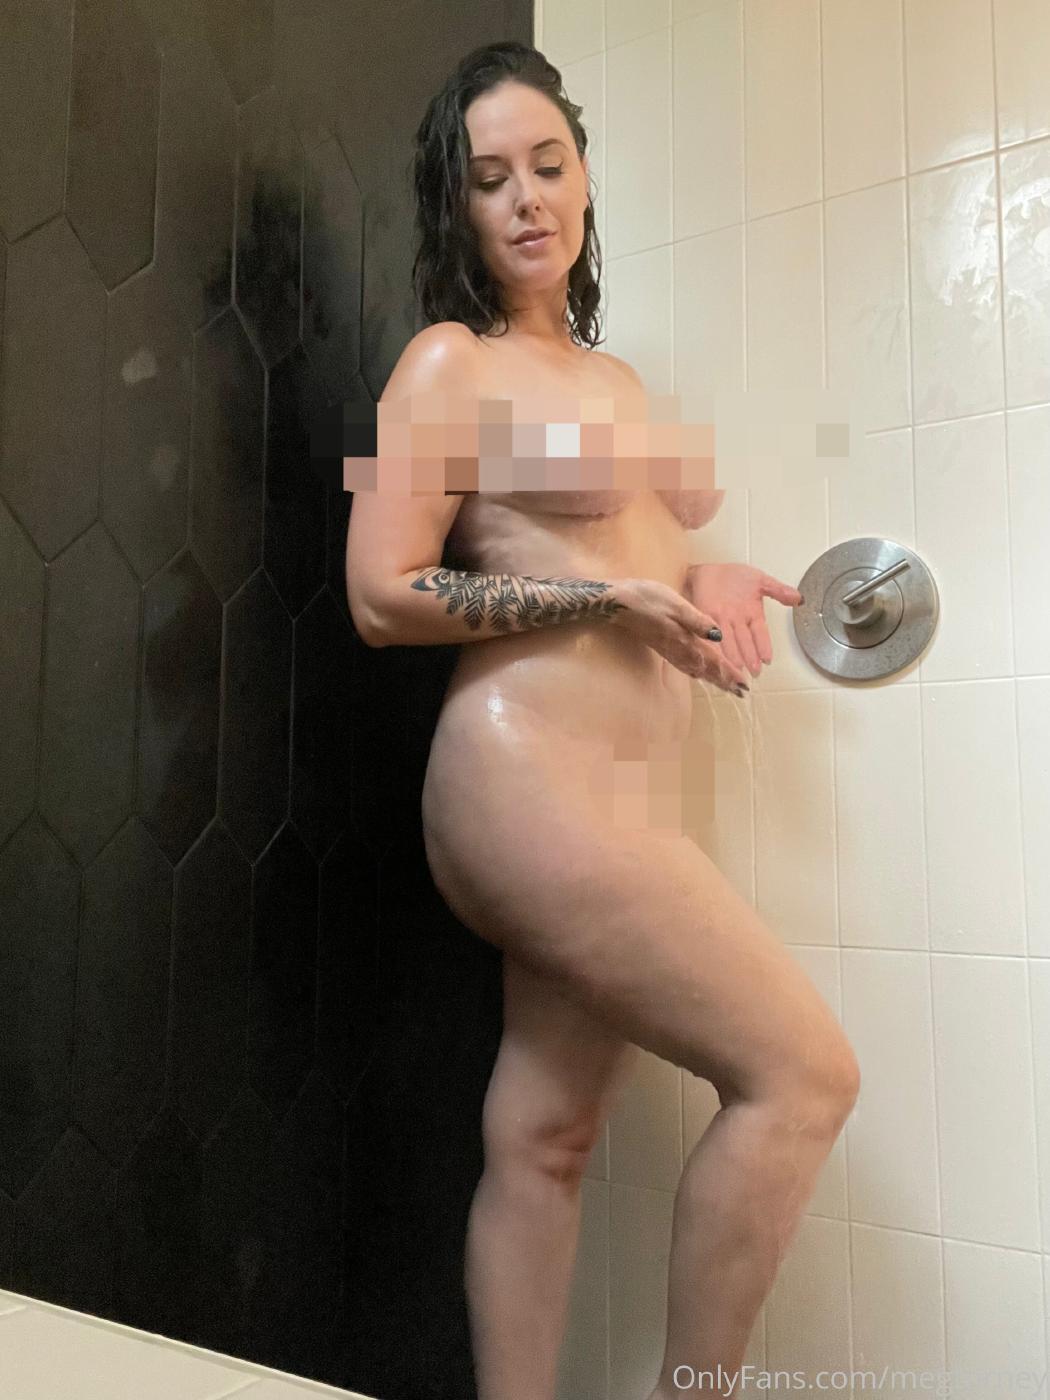 Meg Turney Nude Shower Candids Onlyfans Set Leaked Mqsexv